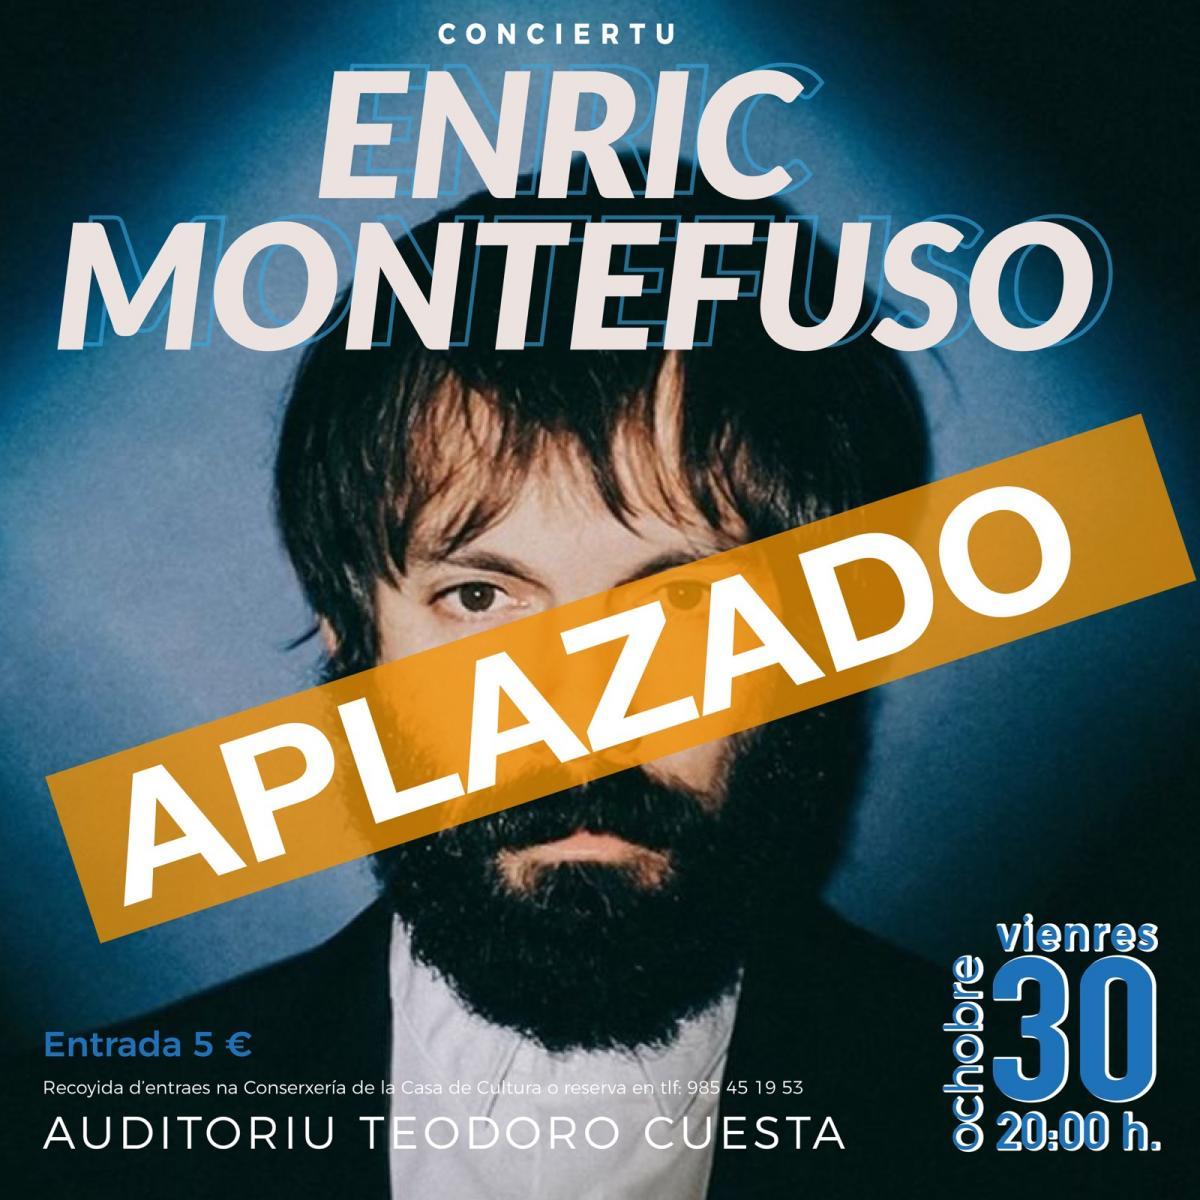 Concierto Montefusco Aplazado Web Mieres